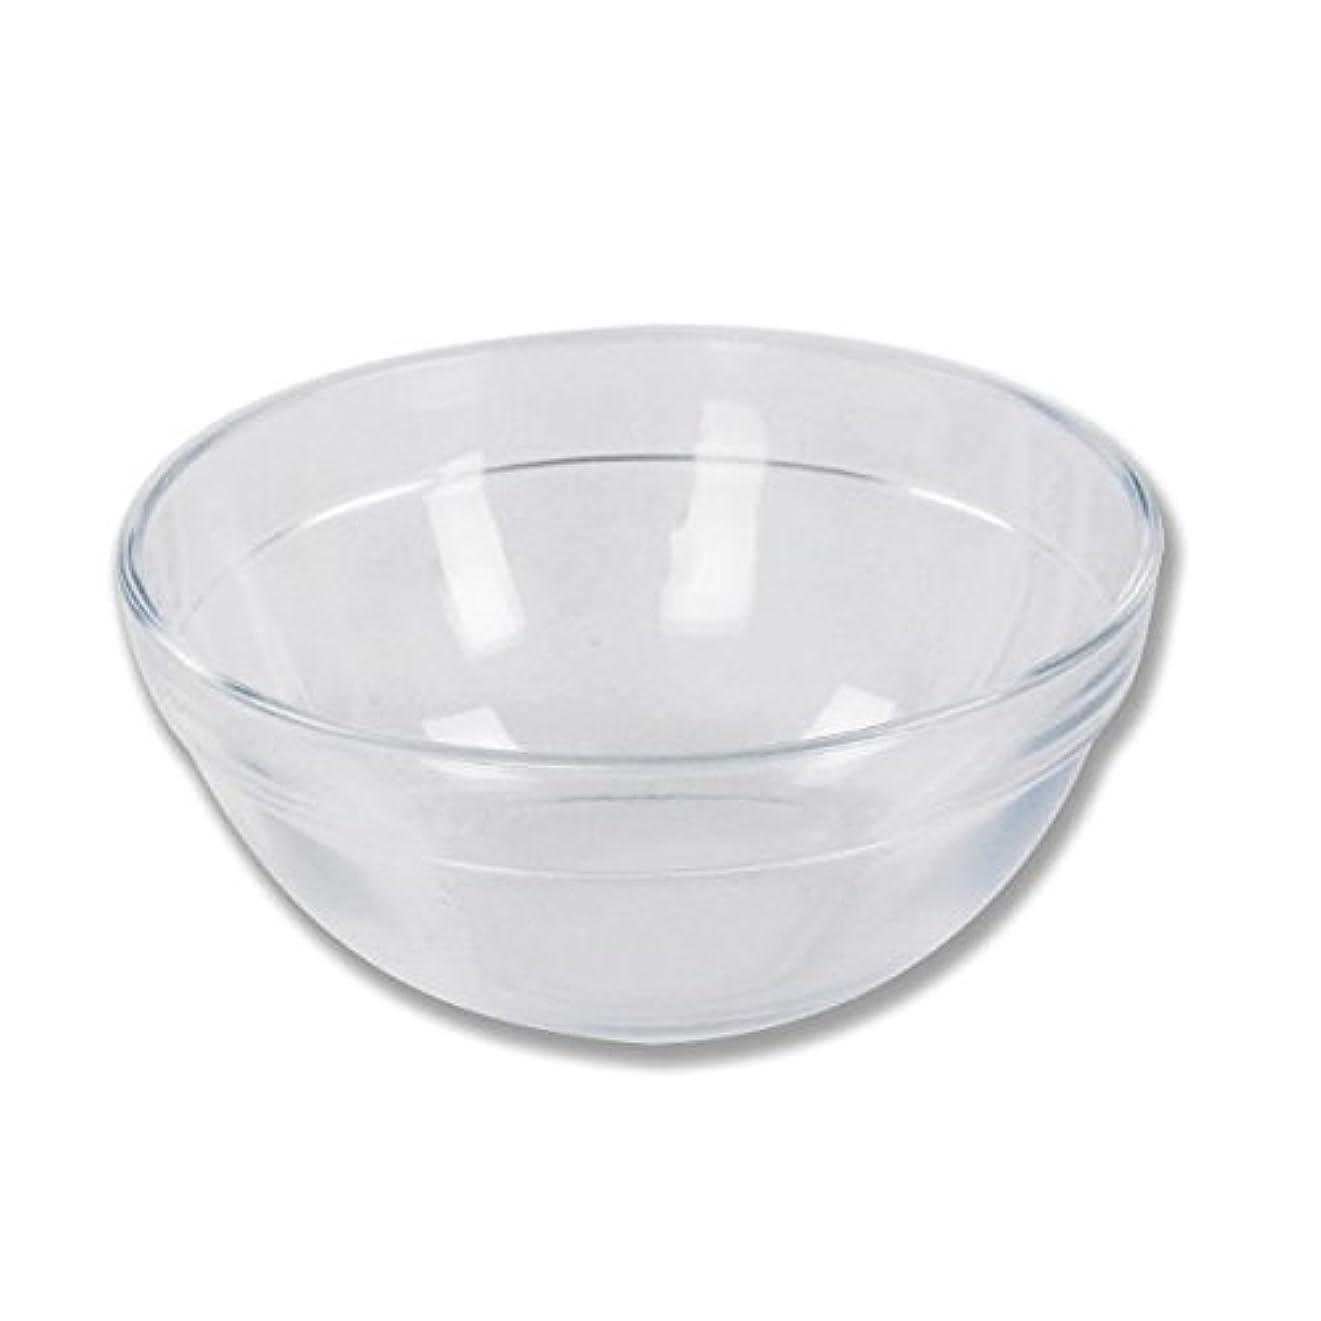 ガラスボウル (Mサイズ) [ ガラスボール カップボウル カップボール エステ サロン ガラス ボウル カップ 高級感 ]